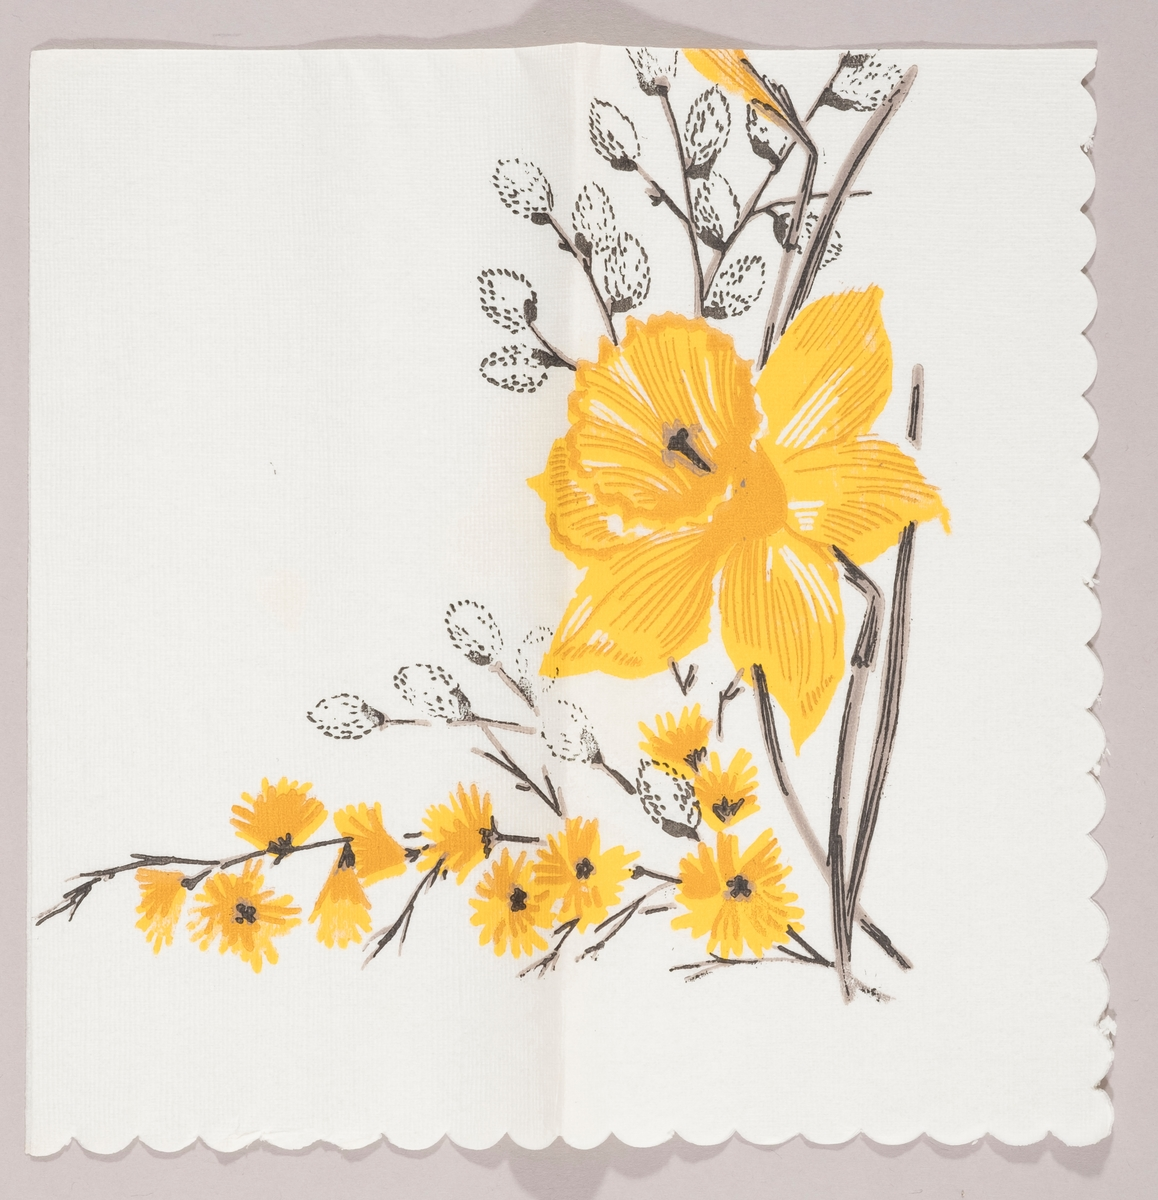 """En påskelilje og grener med """"gåsunger"""" og gule blomster"""